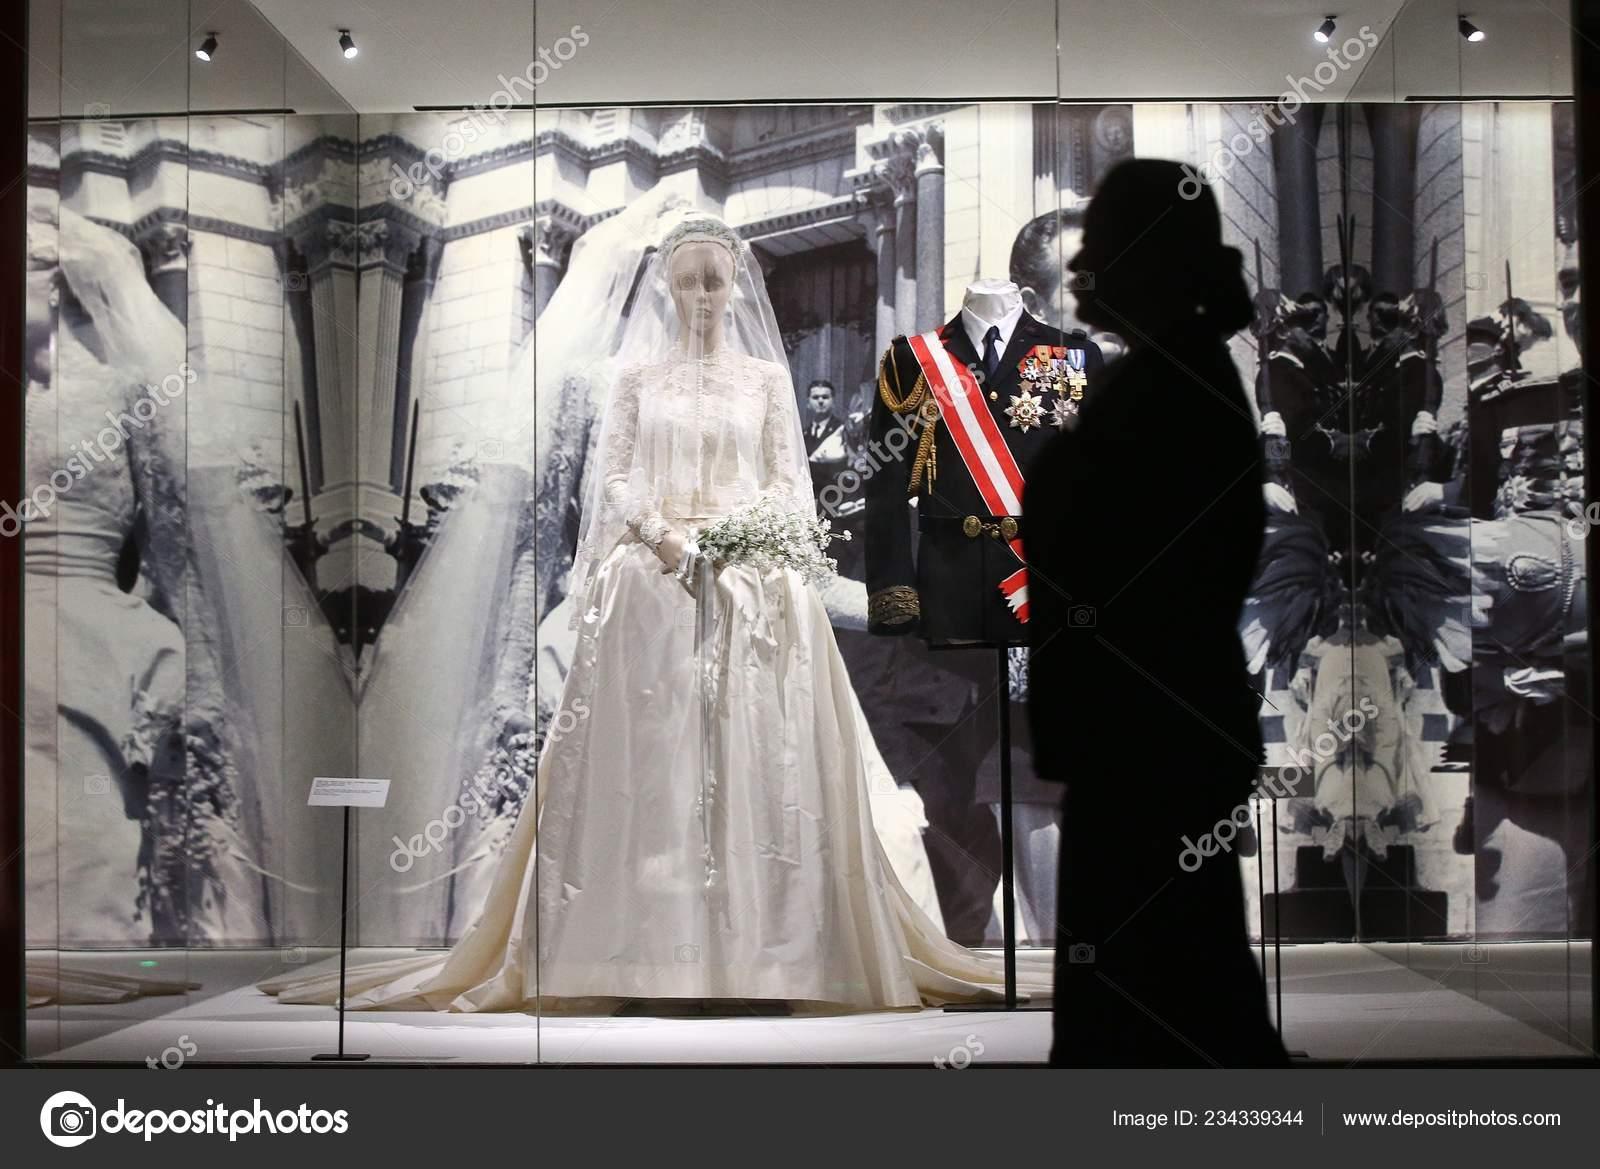 Princess Grace Wedding Dress.Images Princess Grace Wedding Dress Wedding Dress American